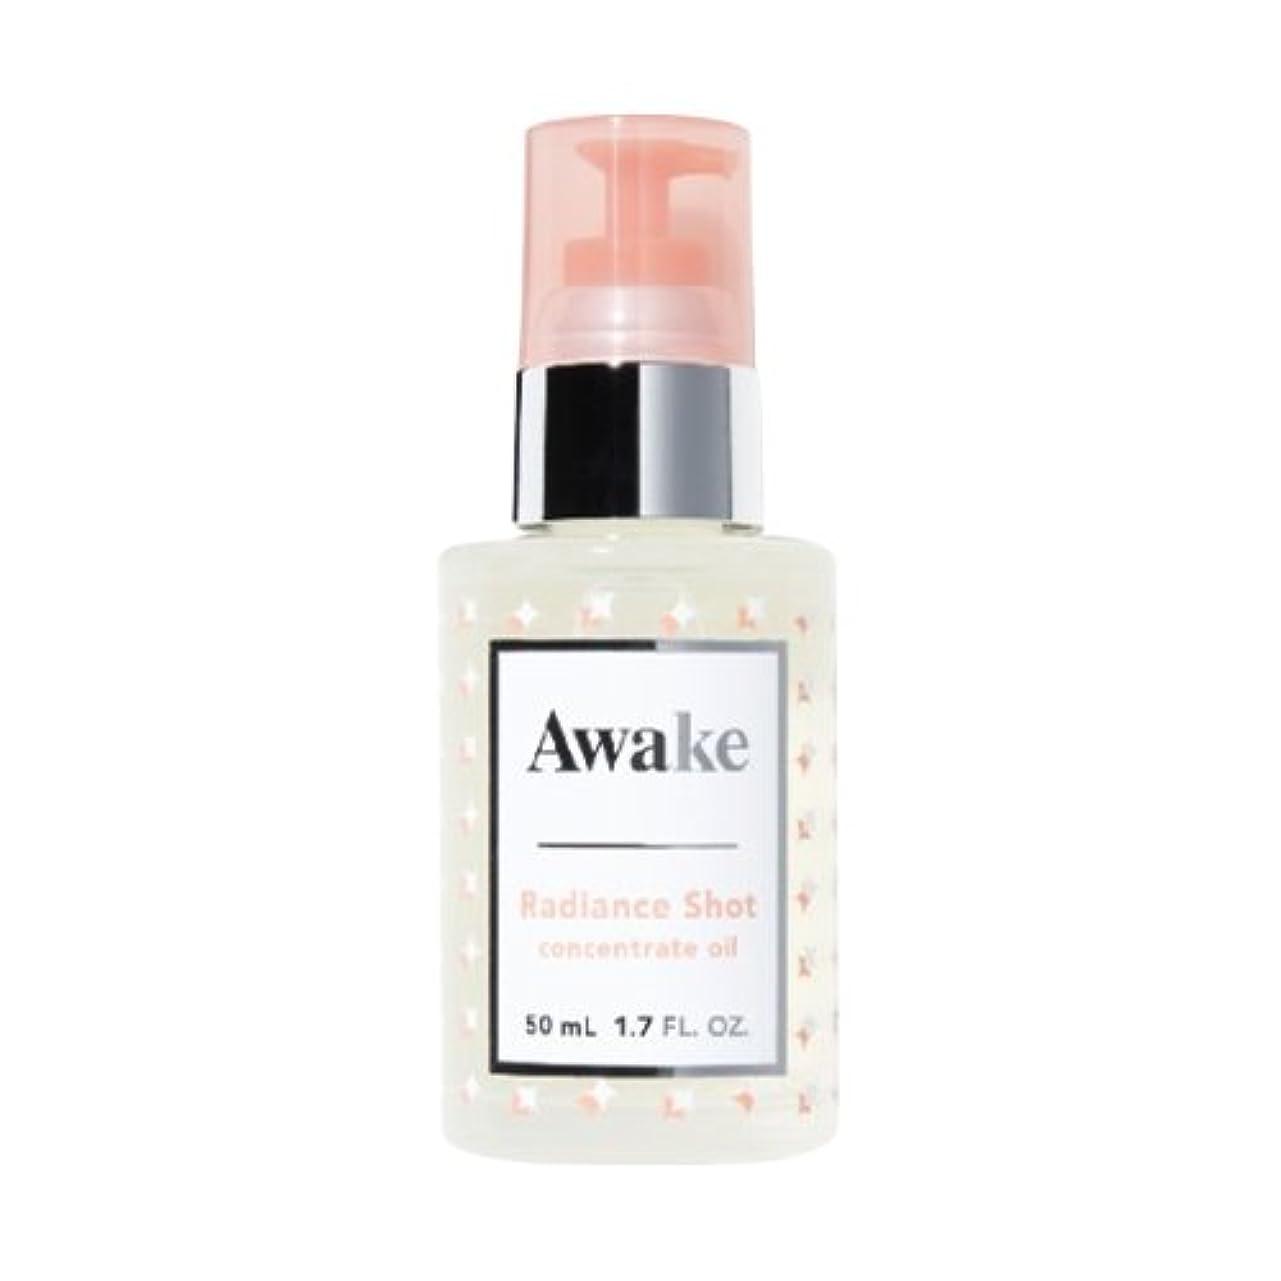 海外サーカス第二にアウェイク(AWAKE) Awake(アウェイク) ラディアンスショット コンセントレイトオイル 〈美容オイル〉 (50mL)